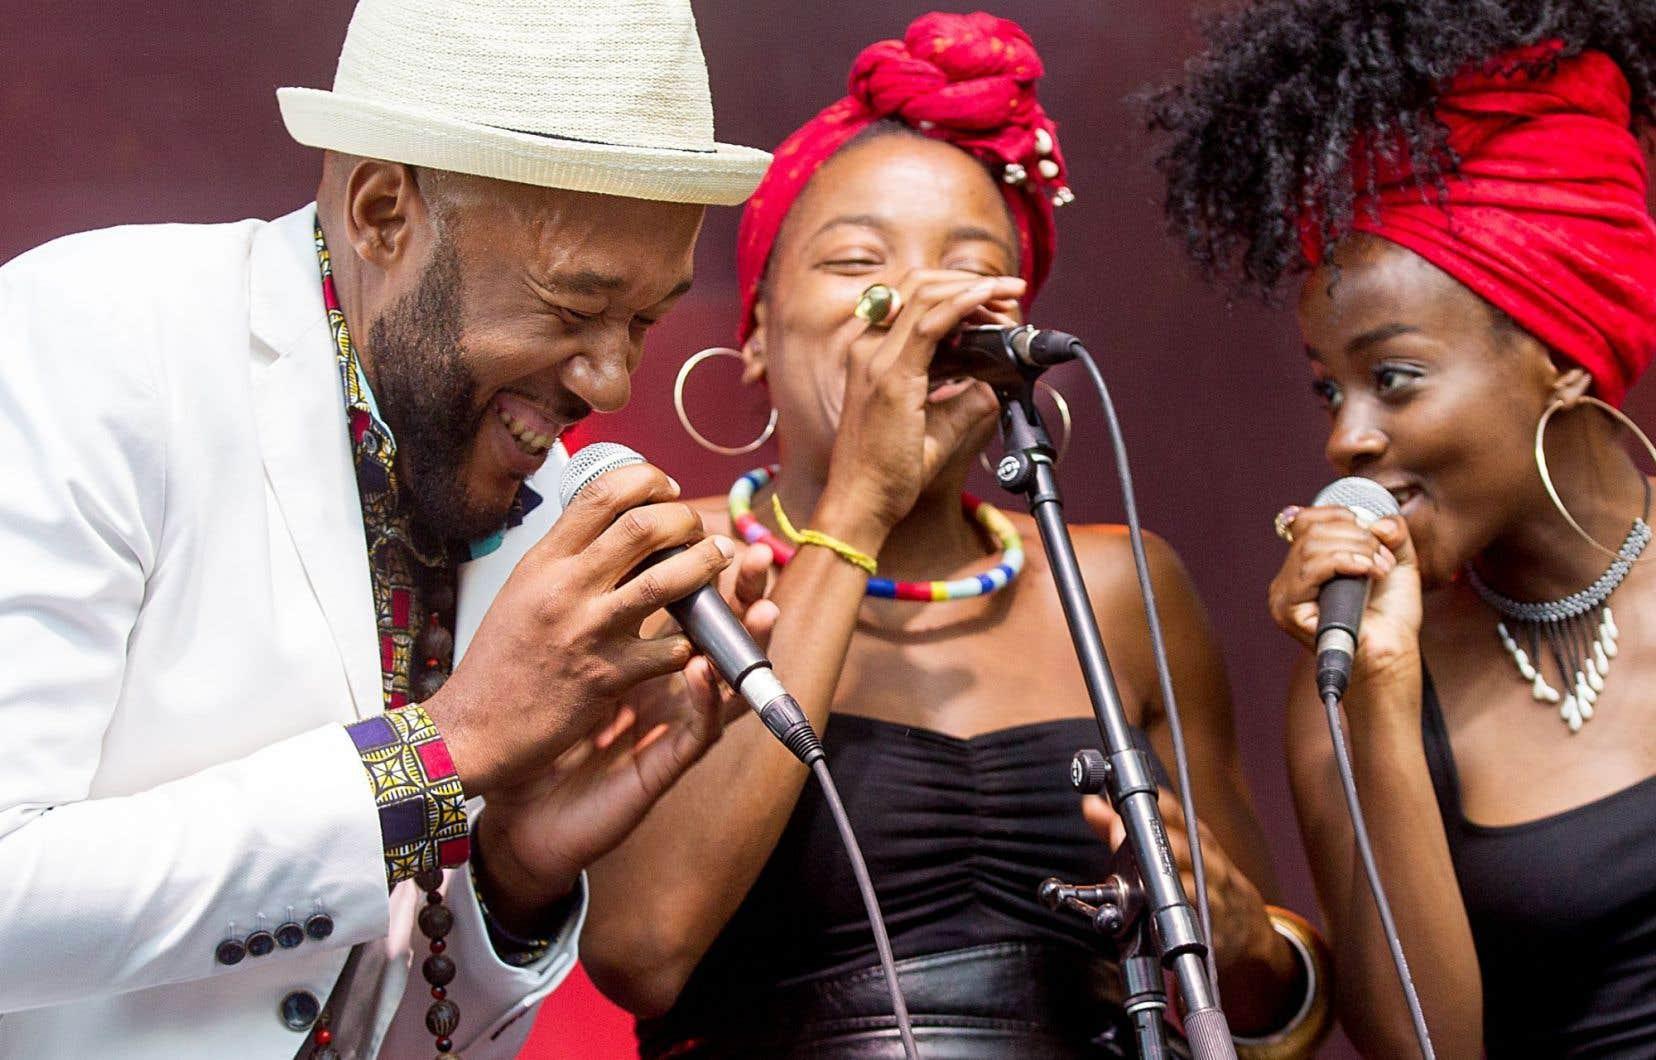 Rappeur du quartier planétaire,Vox Sambou incarne le hip-hop de quartier et le chant des ancêtres haïtiens.